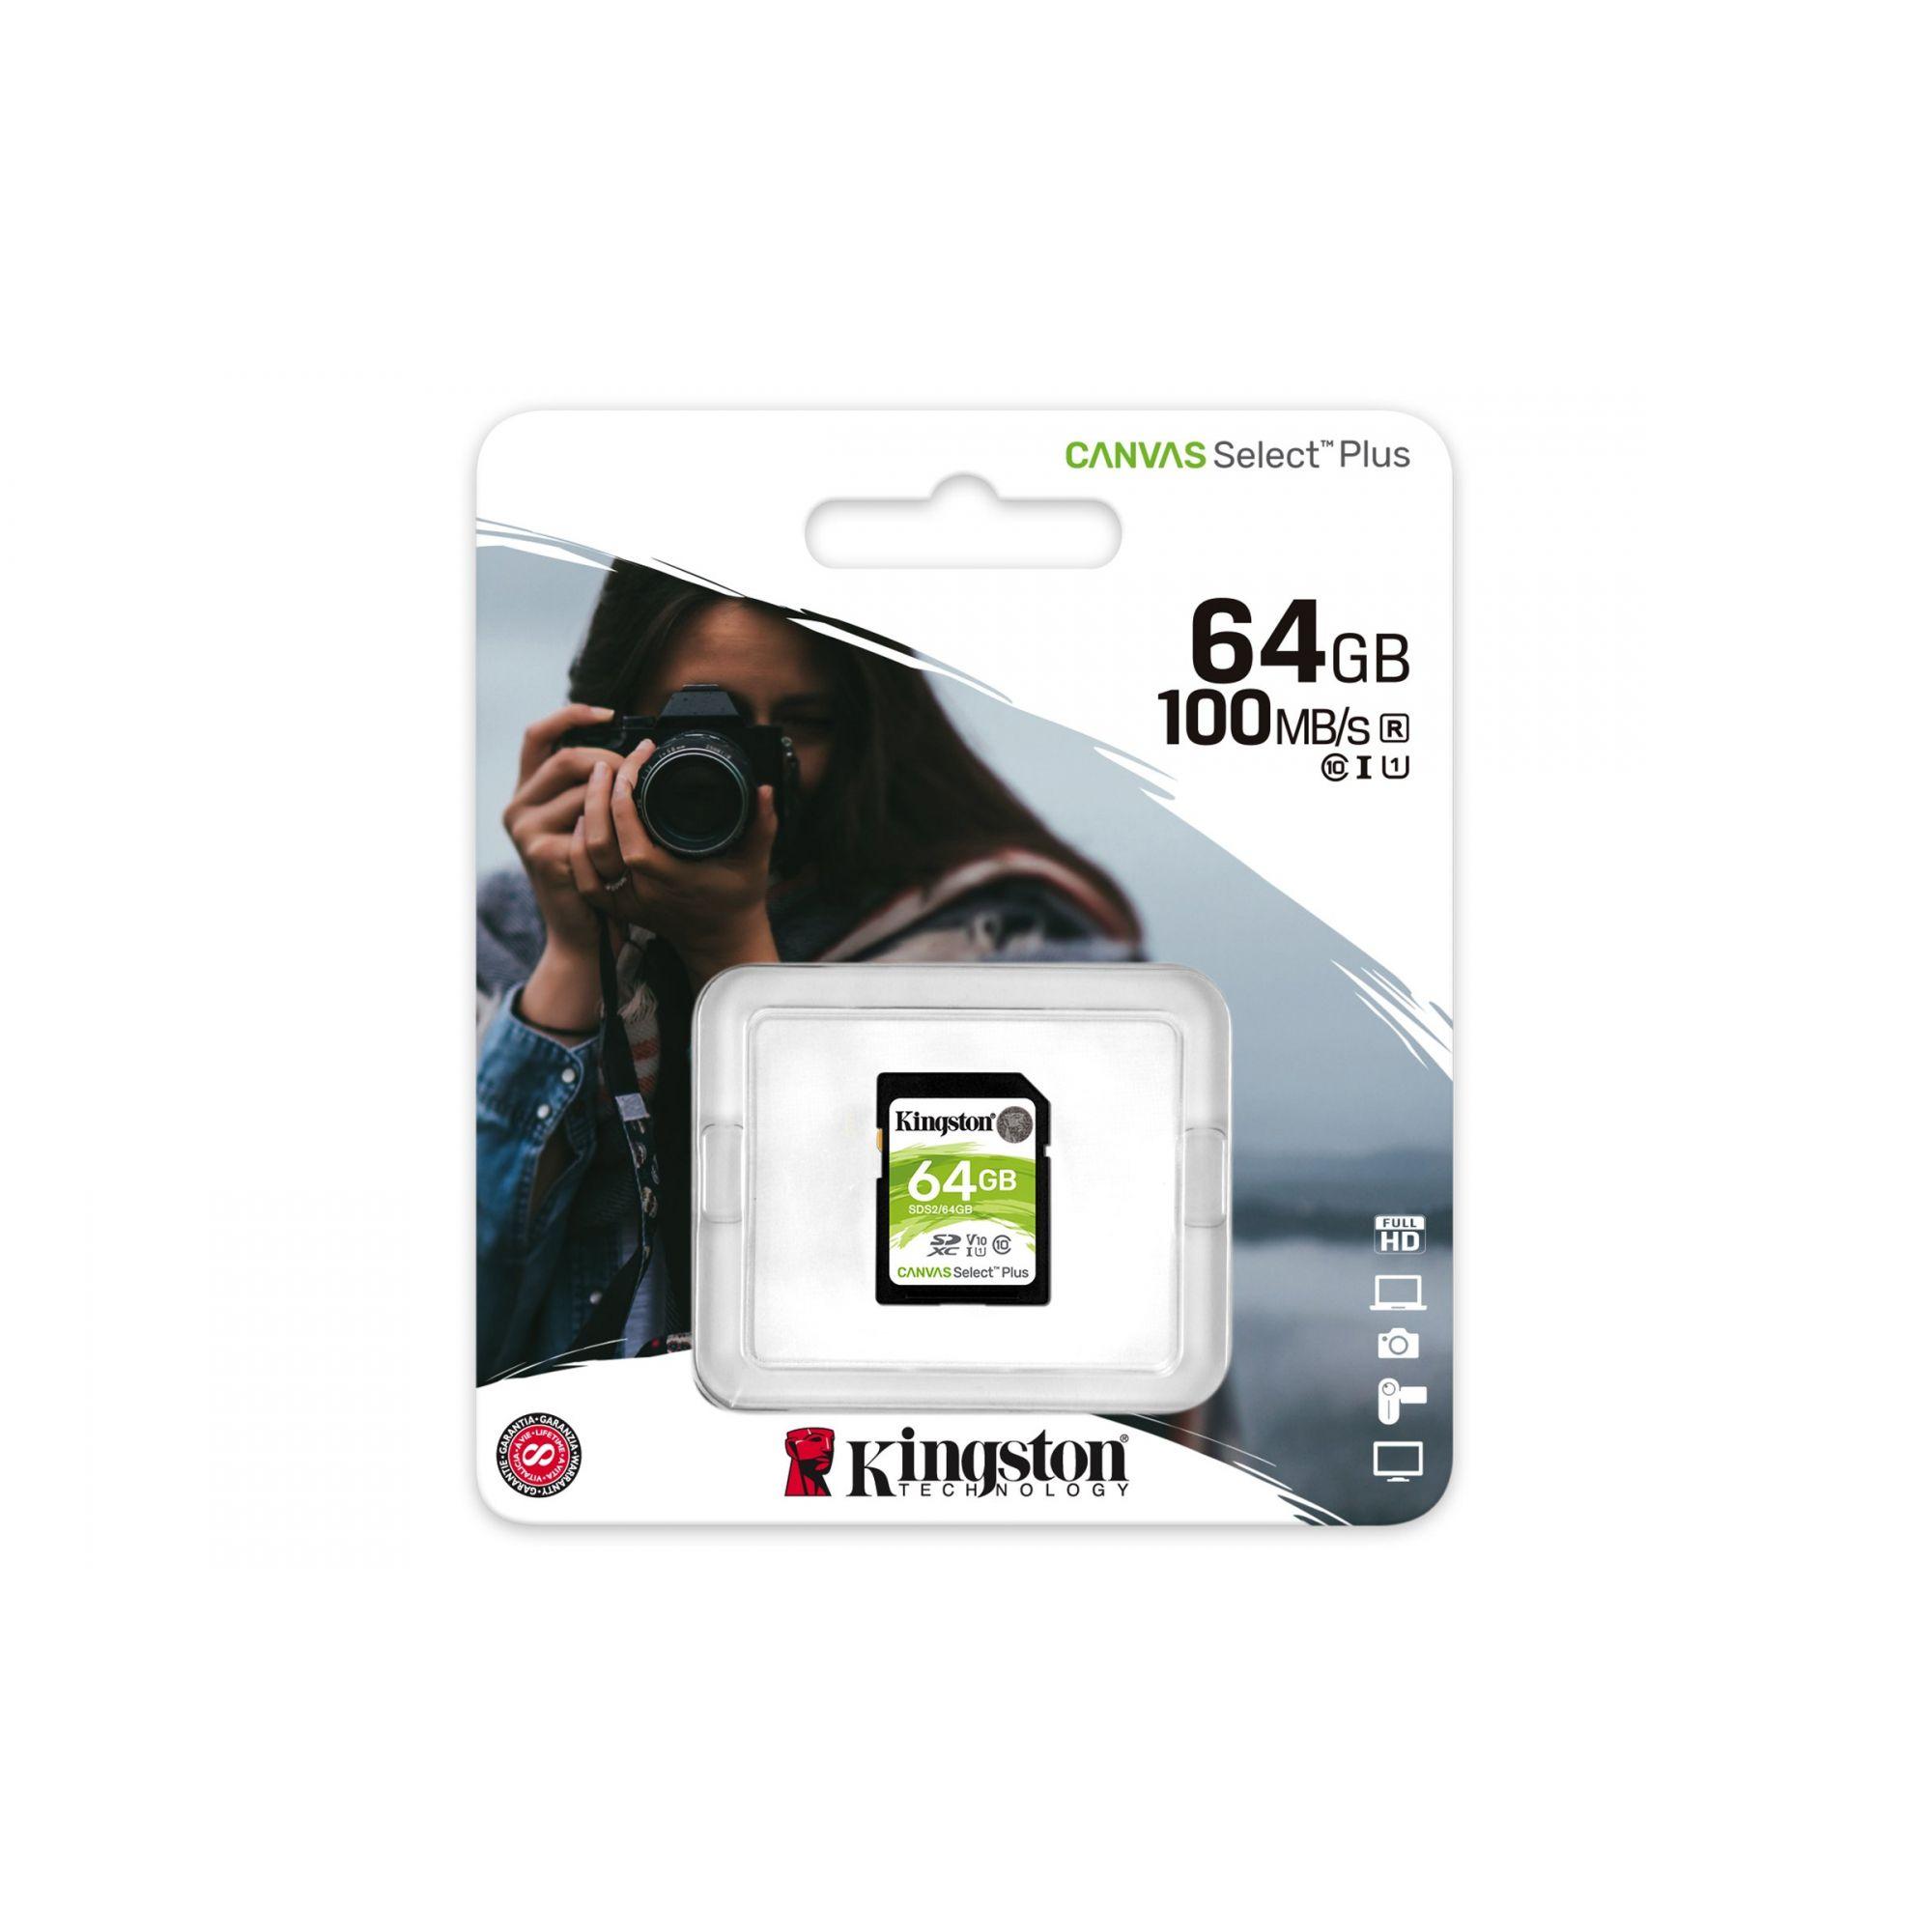 CARTAO DE MEMÓRIA SD 64GB CLASSE 10 SDS2/64GB SDXC 100MB/S KINGSTON CANVAS SELECT PLUS ORIGINAL